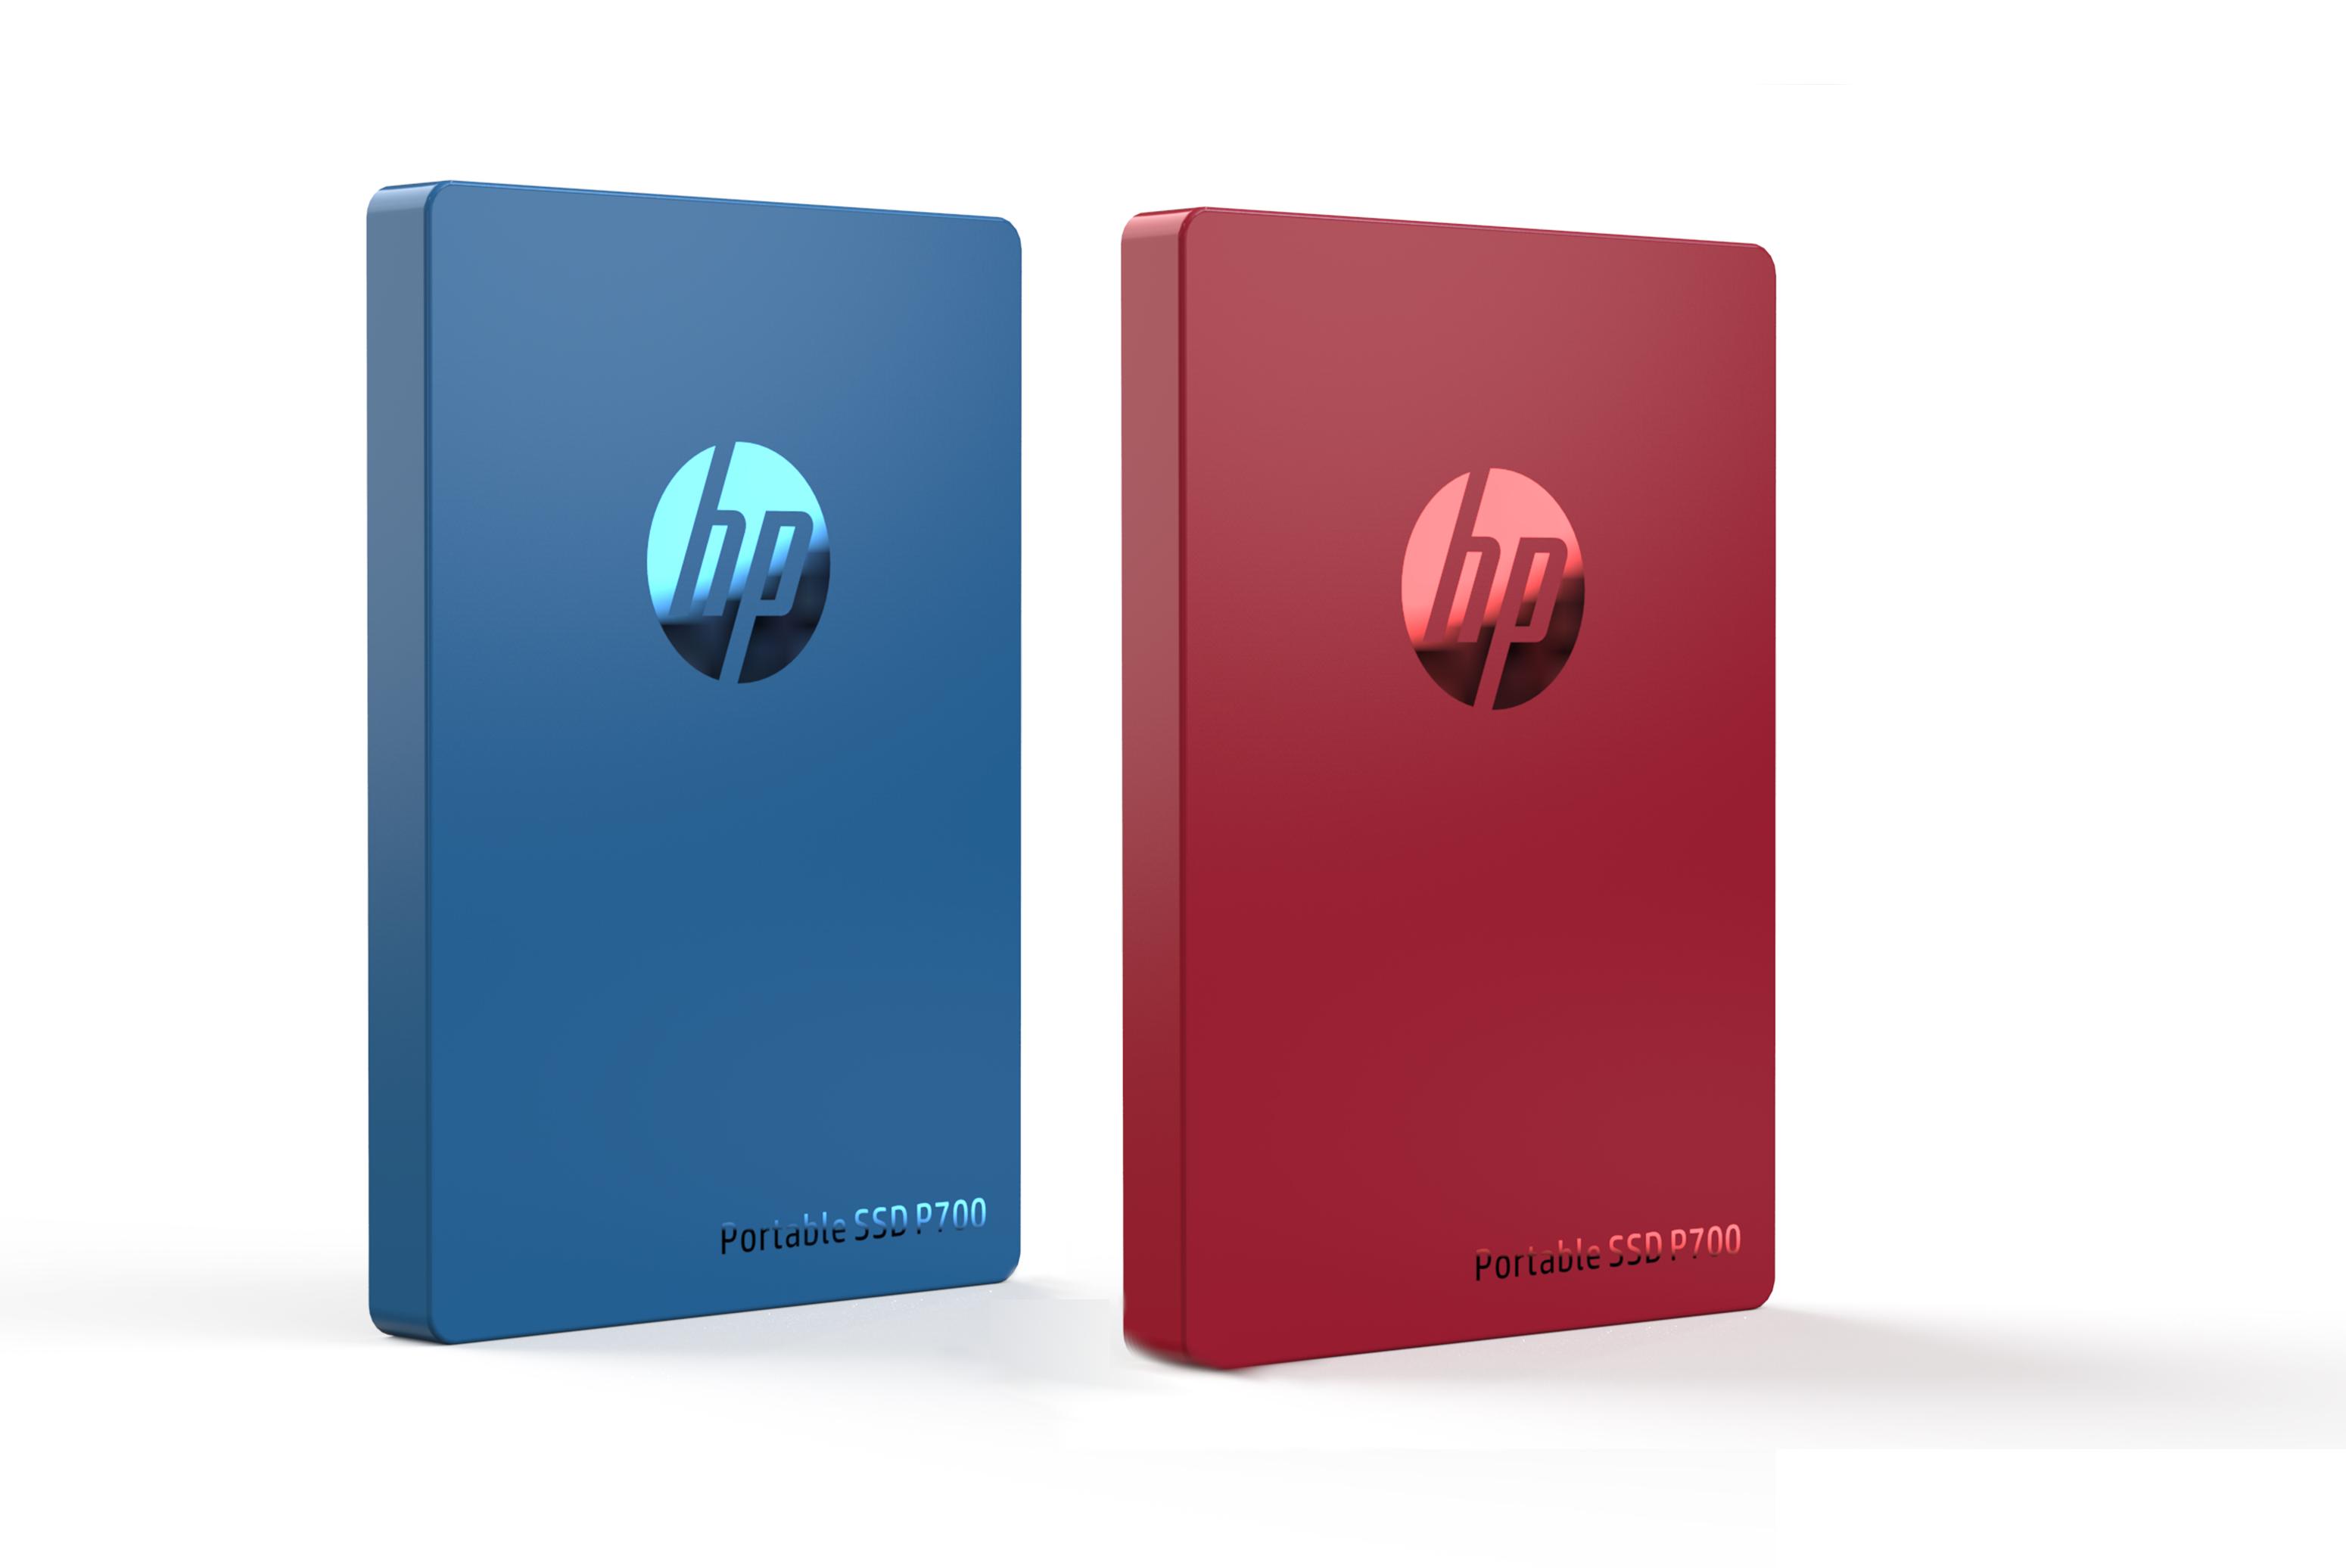 Портативные SSD HP P700